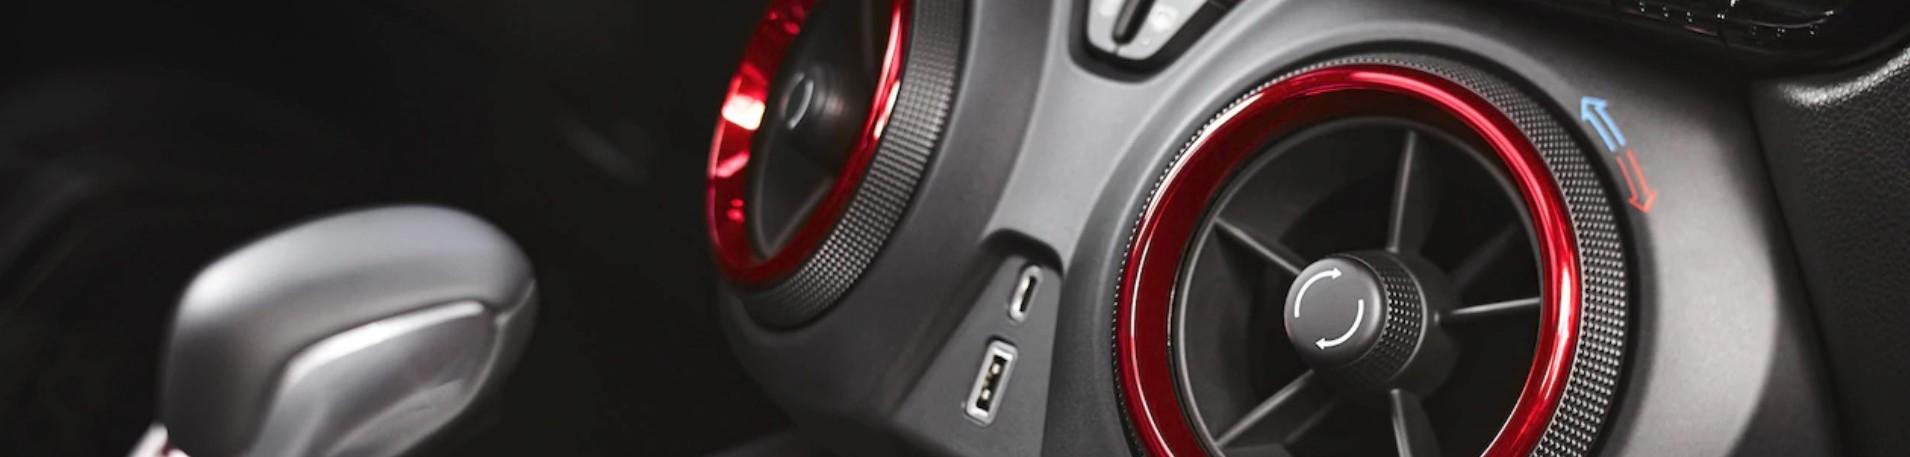 Stylish Detailing in the 2020 Chevrolet Blazer